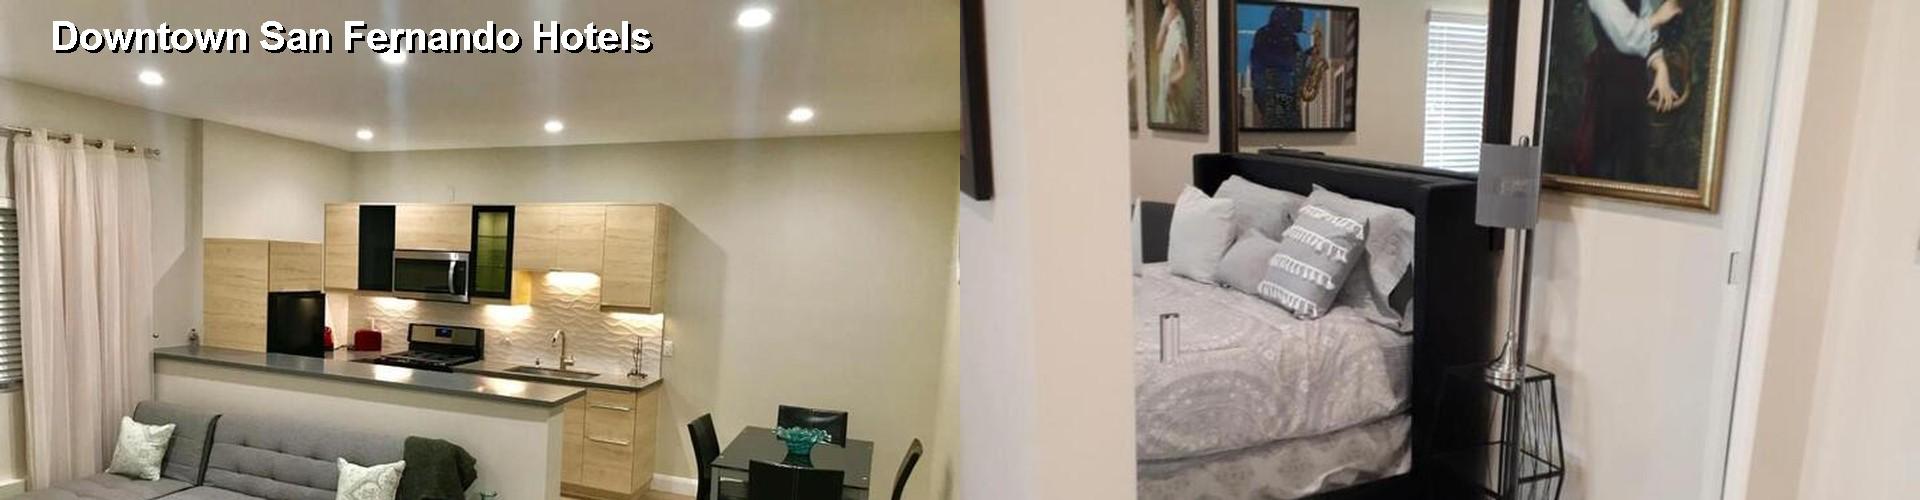 Cheap Motels In San Fernando